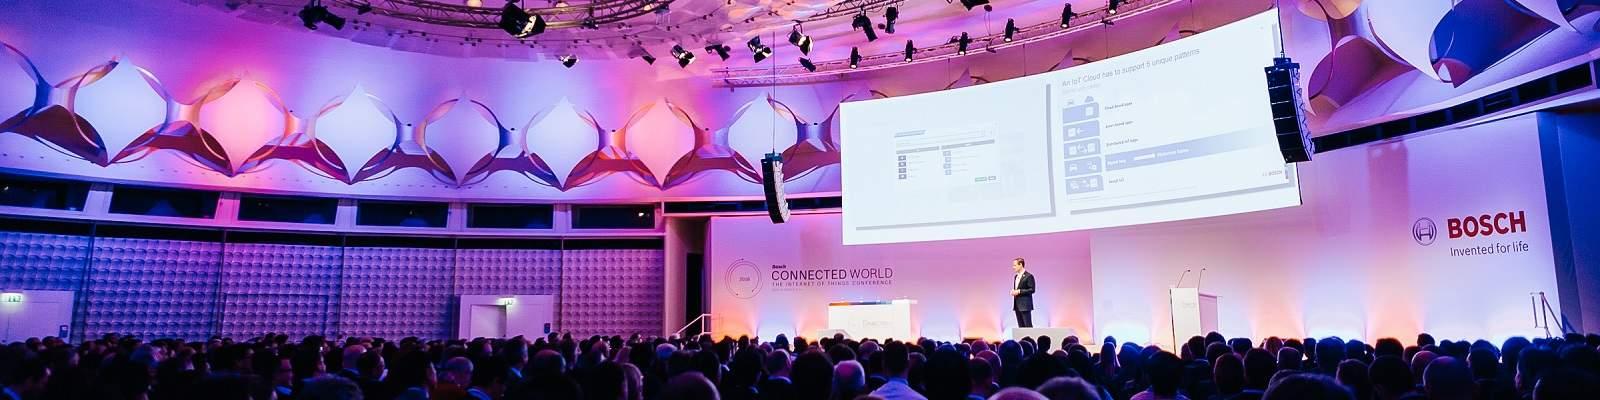 IoT BCW 2017